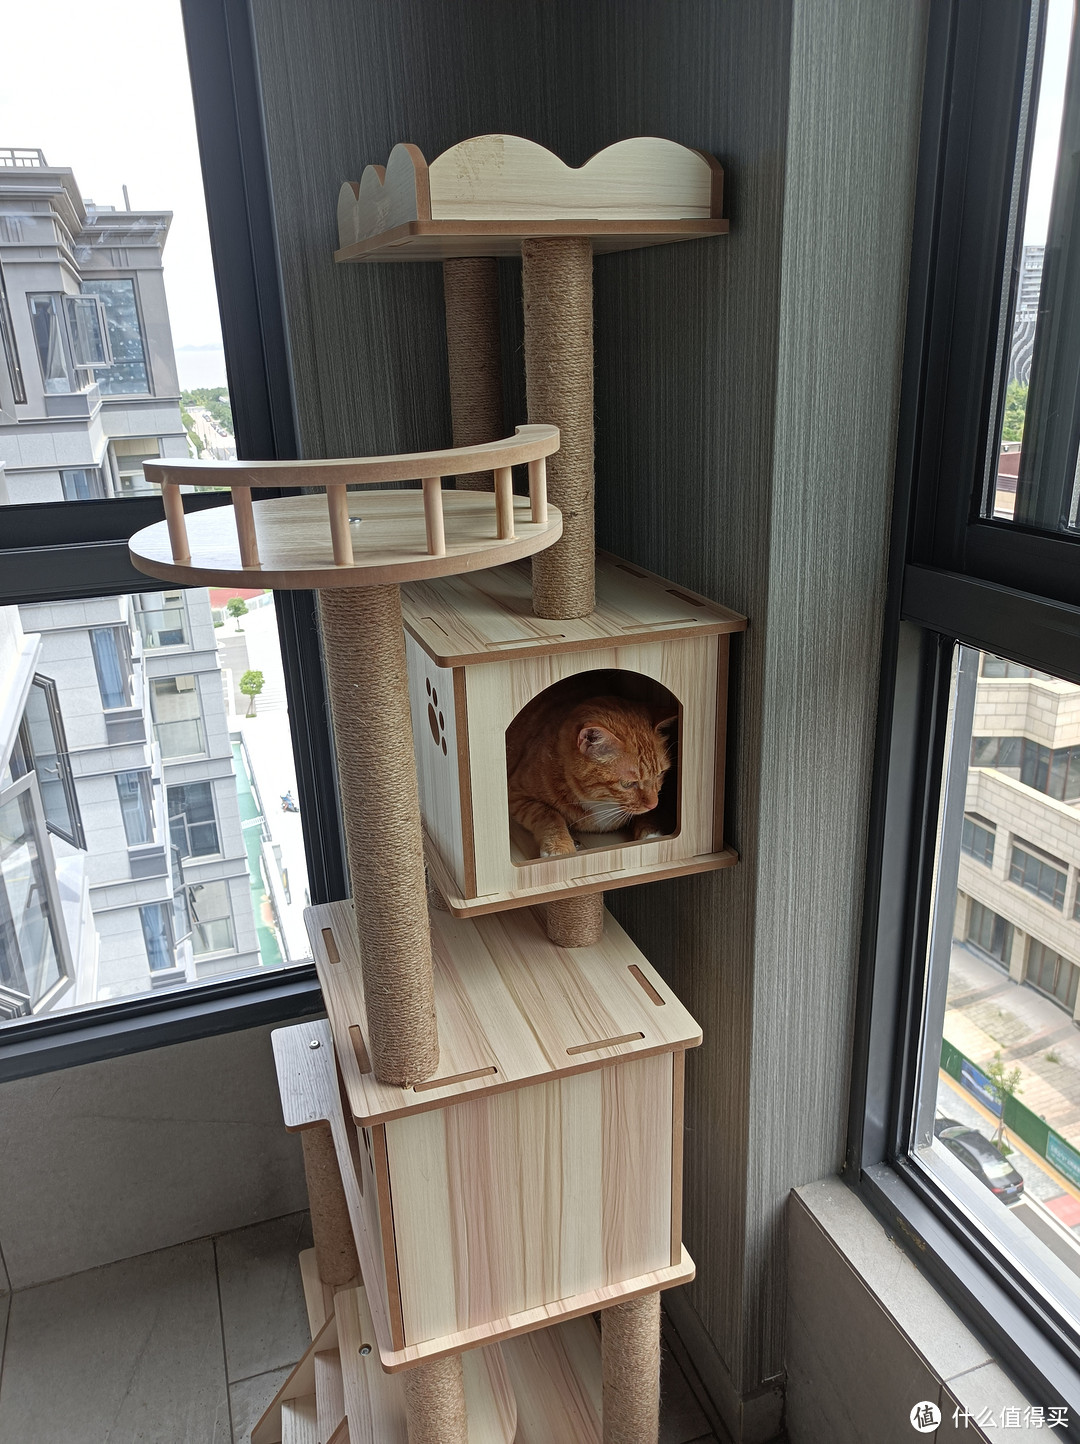 150元不到从拼多多买了个实木双层猫爬架……